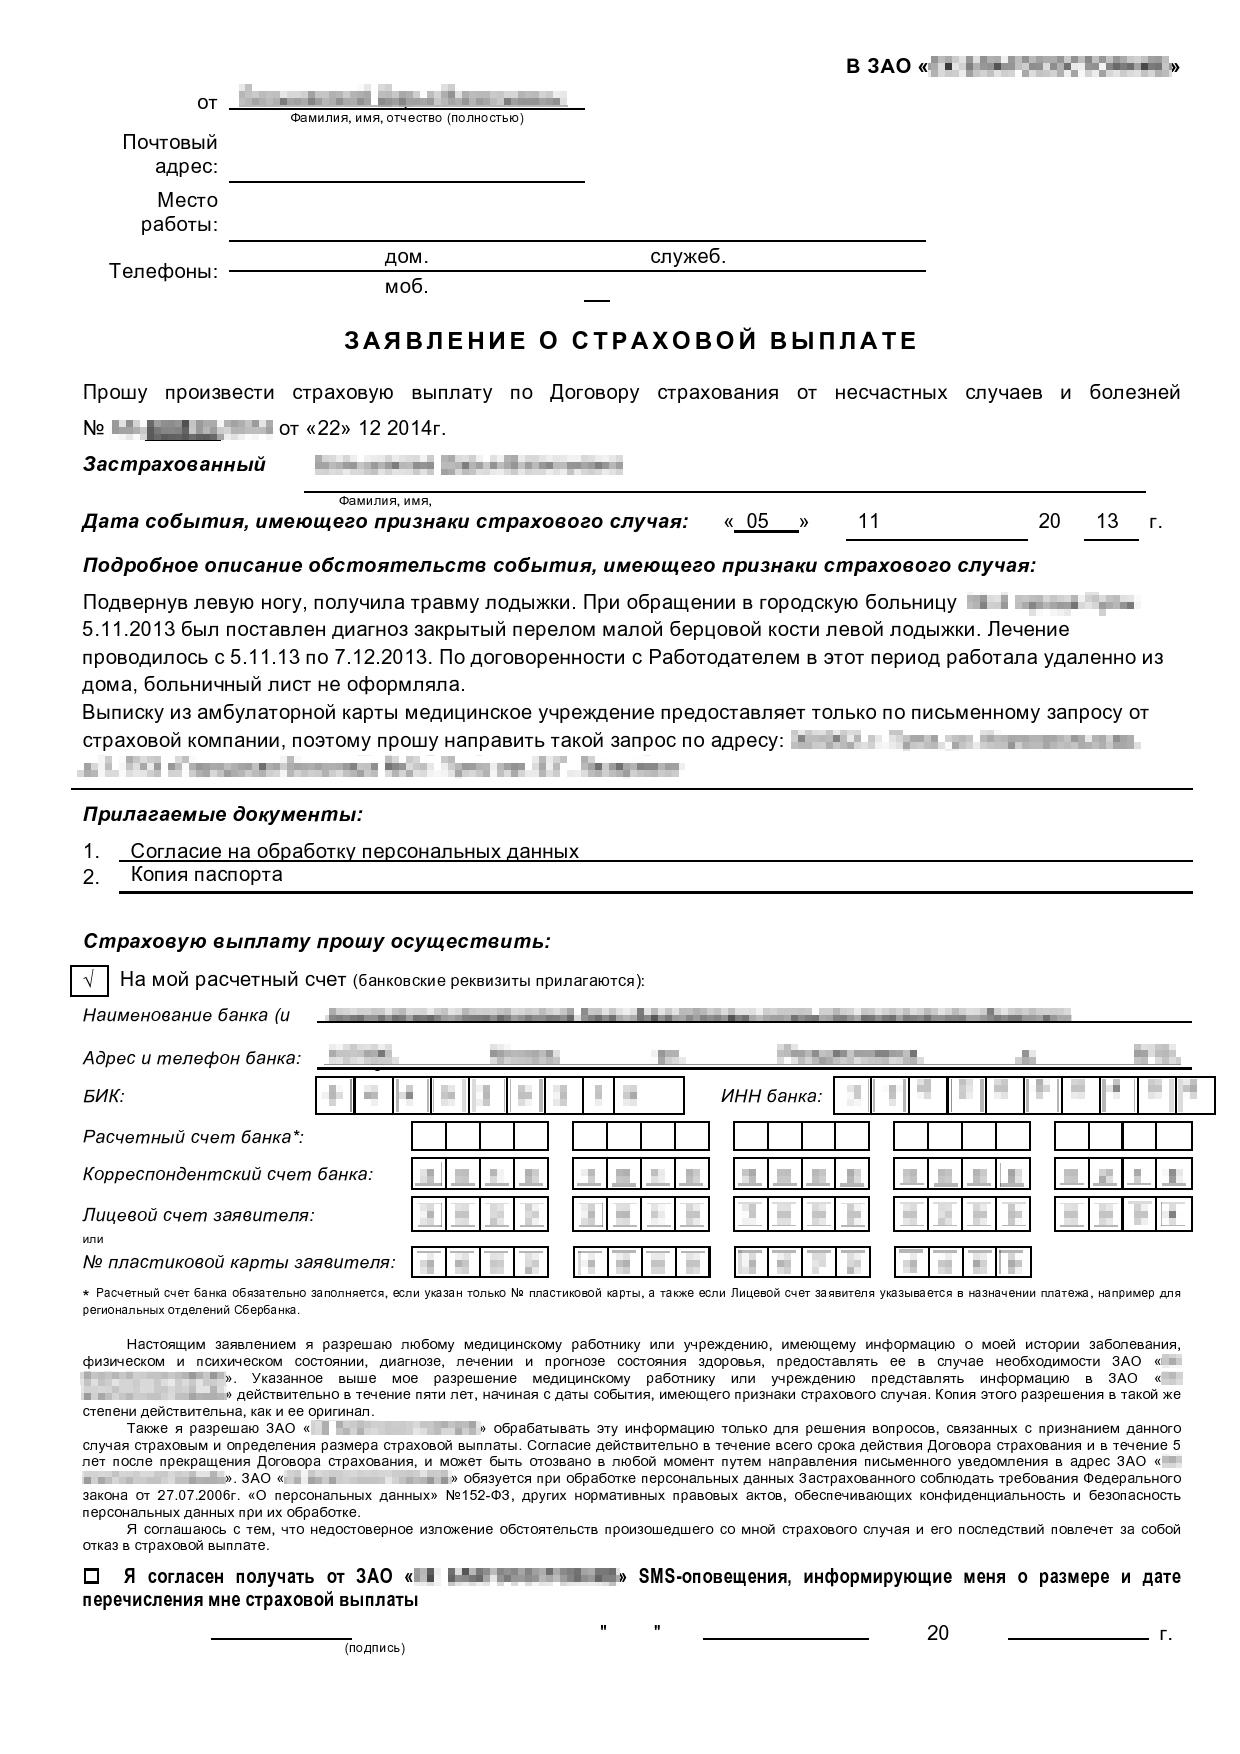 Регистрация авто без птс по генеральной доверенности